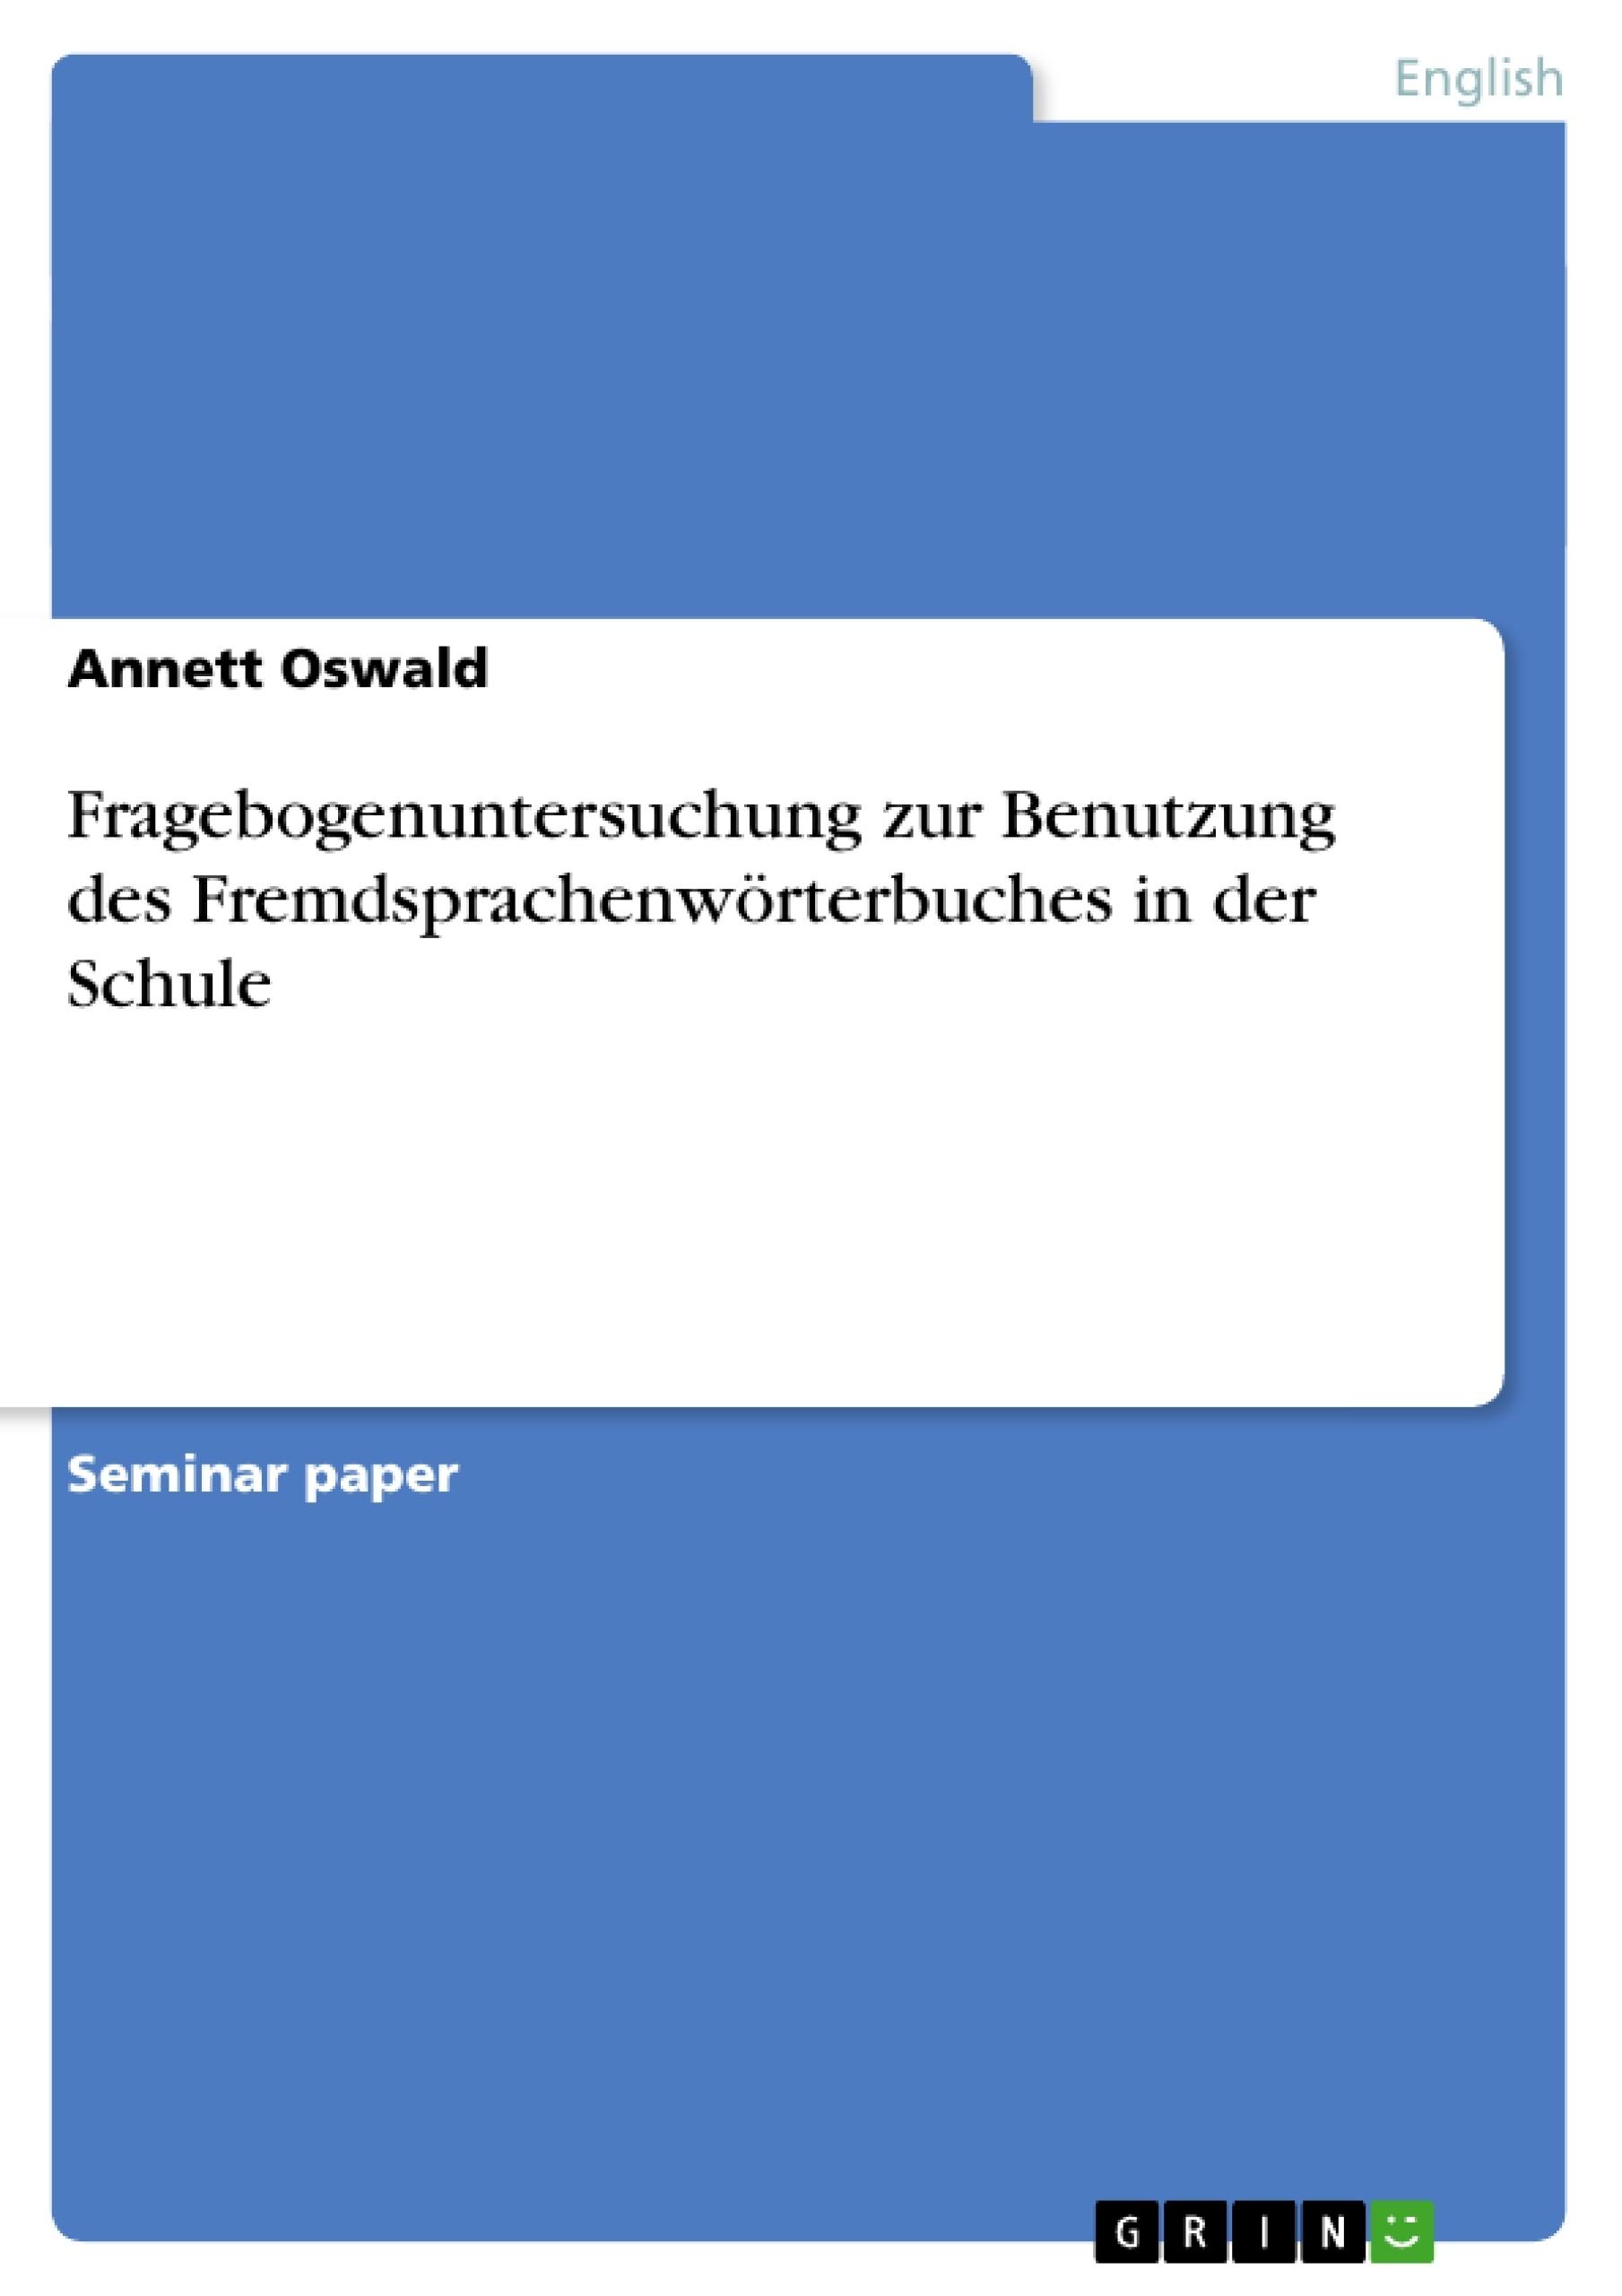 Title: Fragebogenuntersuchung zur Benutzung des Fremdsprachenwörterbuches in der Schule